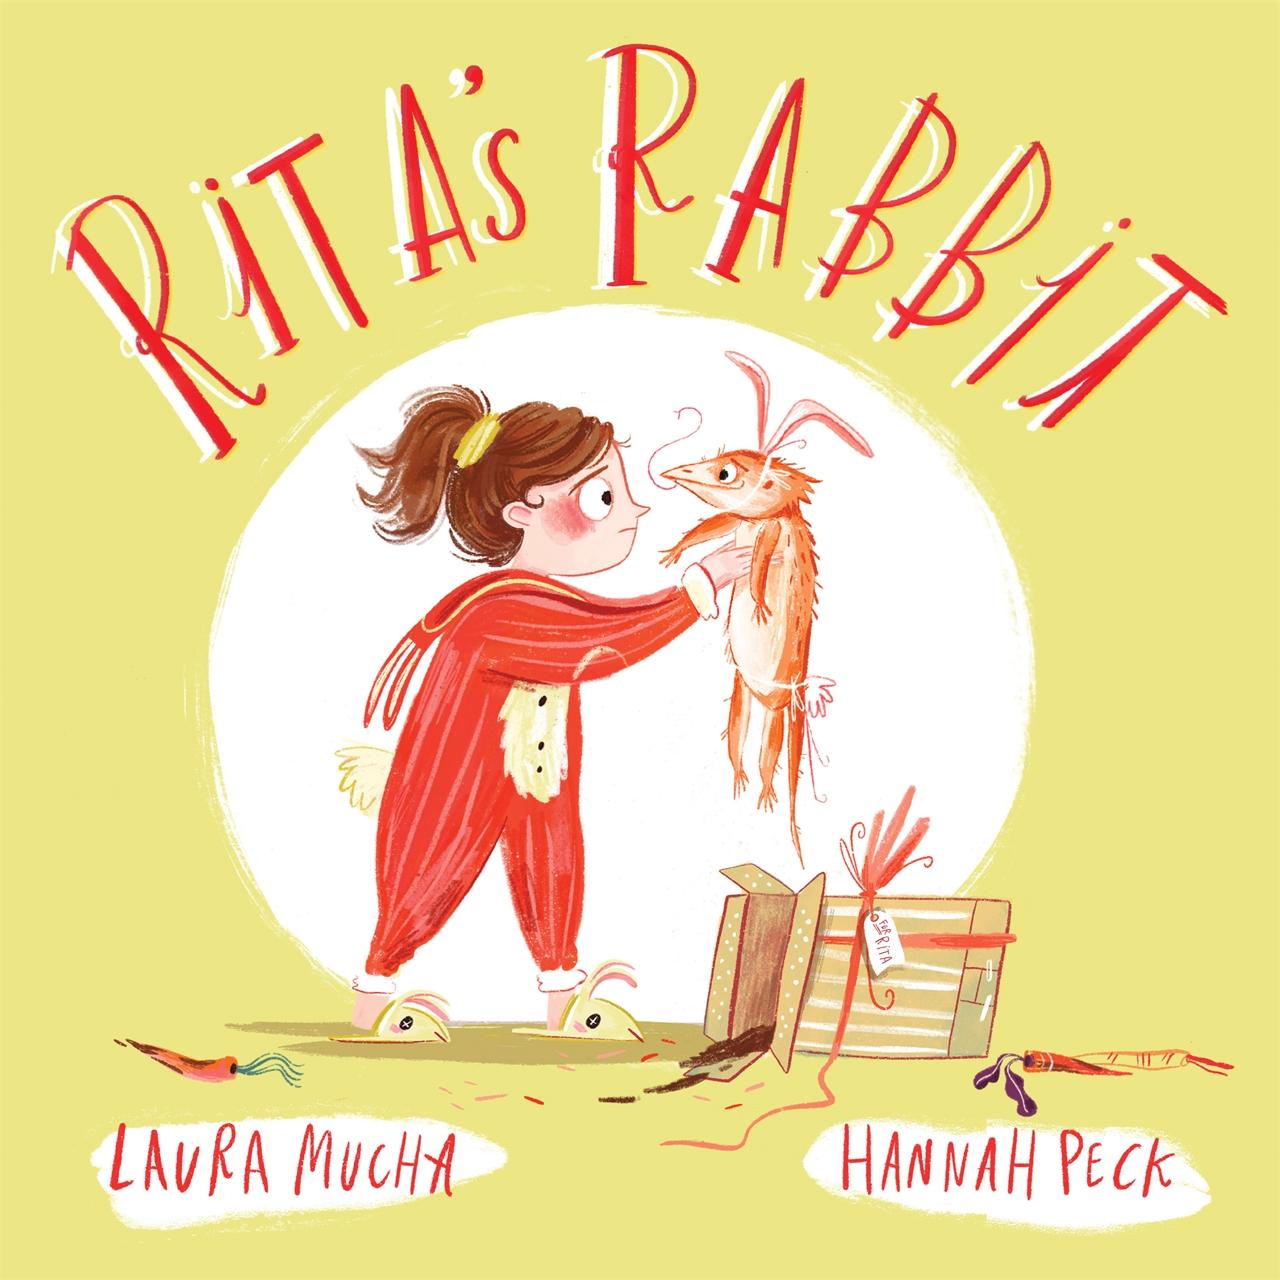 Rita's Rabbit